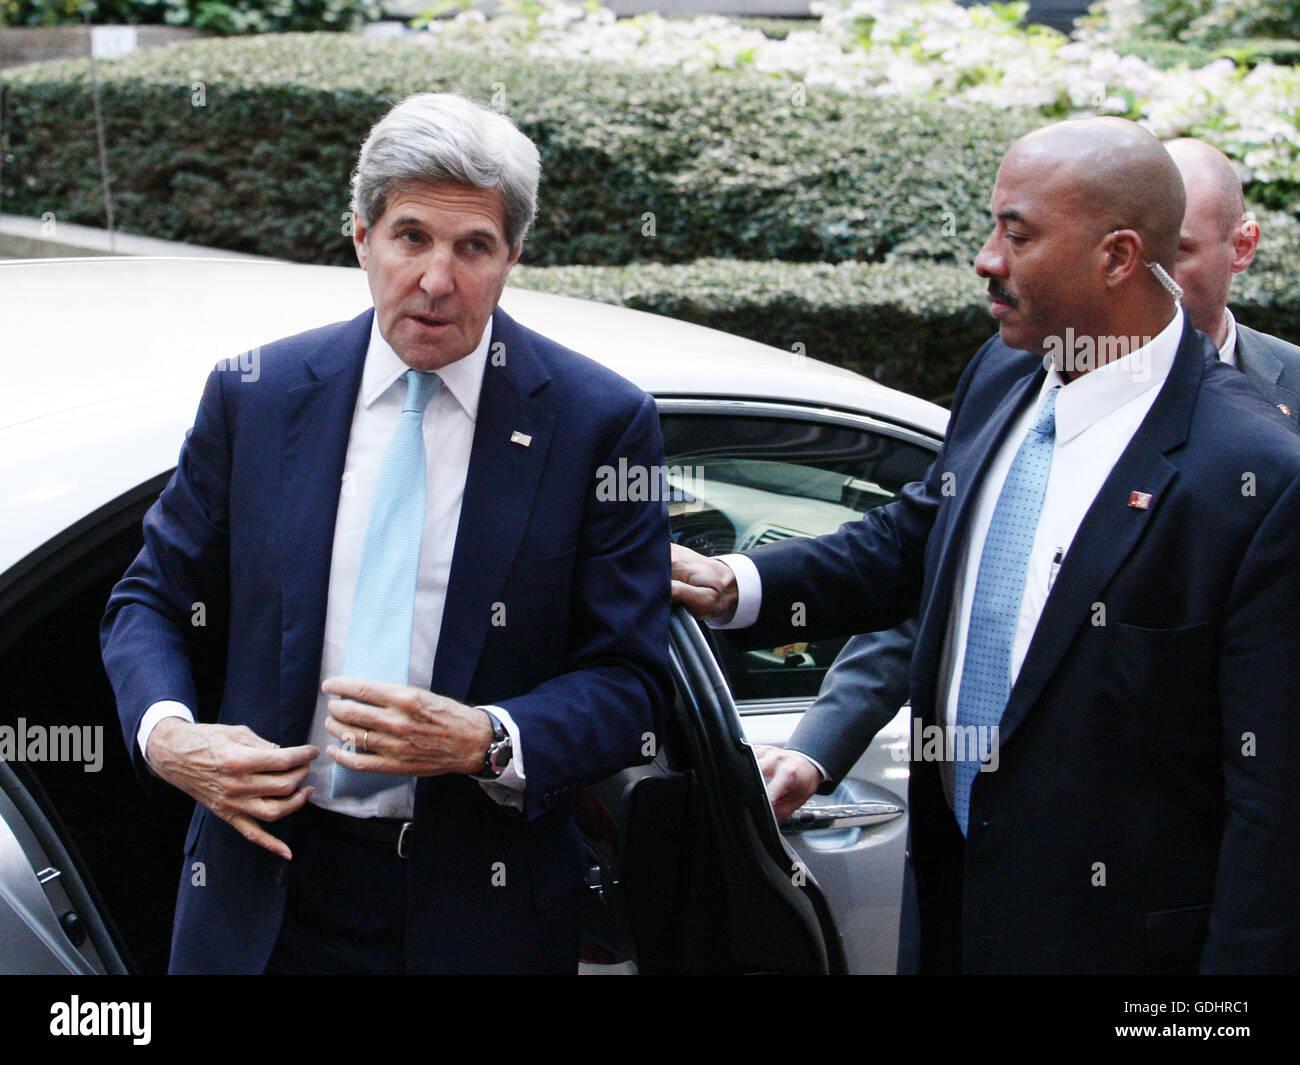 Brüssel, Belgien. 18. Juli 2016. John Kerry U.S.Secretary of State, kommt auf der Tagung des Rates für auswärtige Angelegenheiten des Europäischen Rates stattfindet. Bildnachweis: Leonardo Hugo Cavallo/Alamy Live-Nachrichten Stockfoto